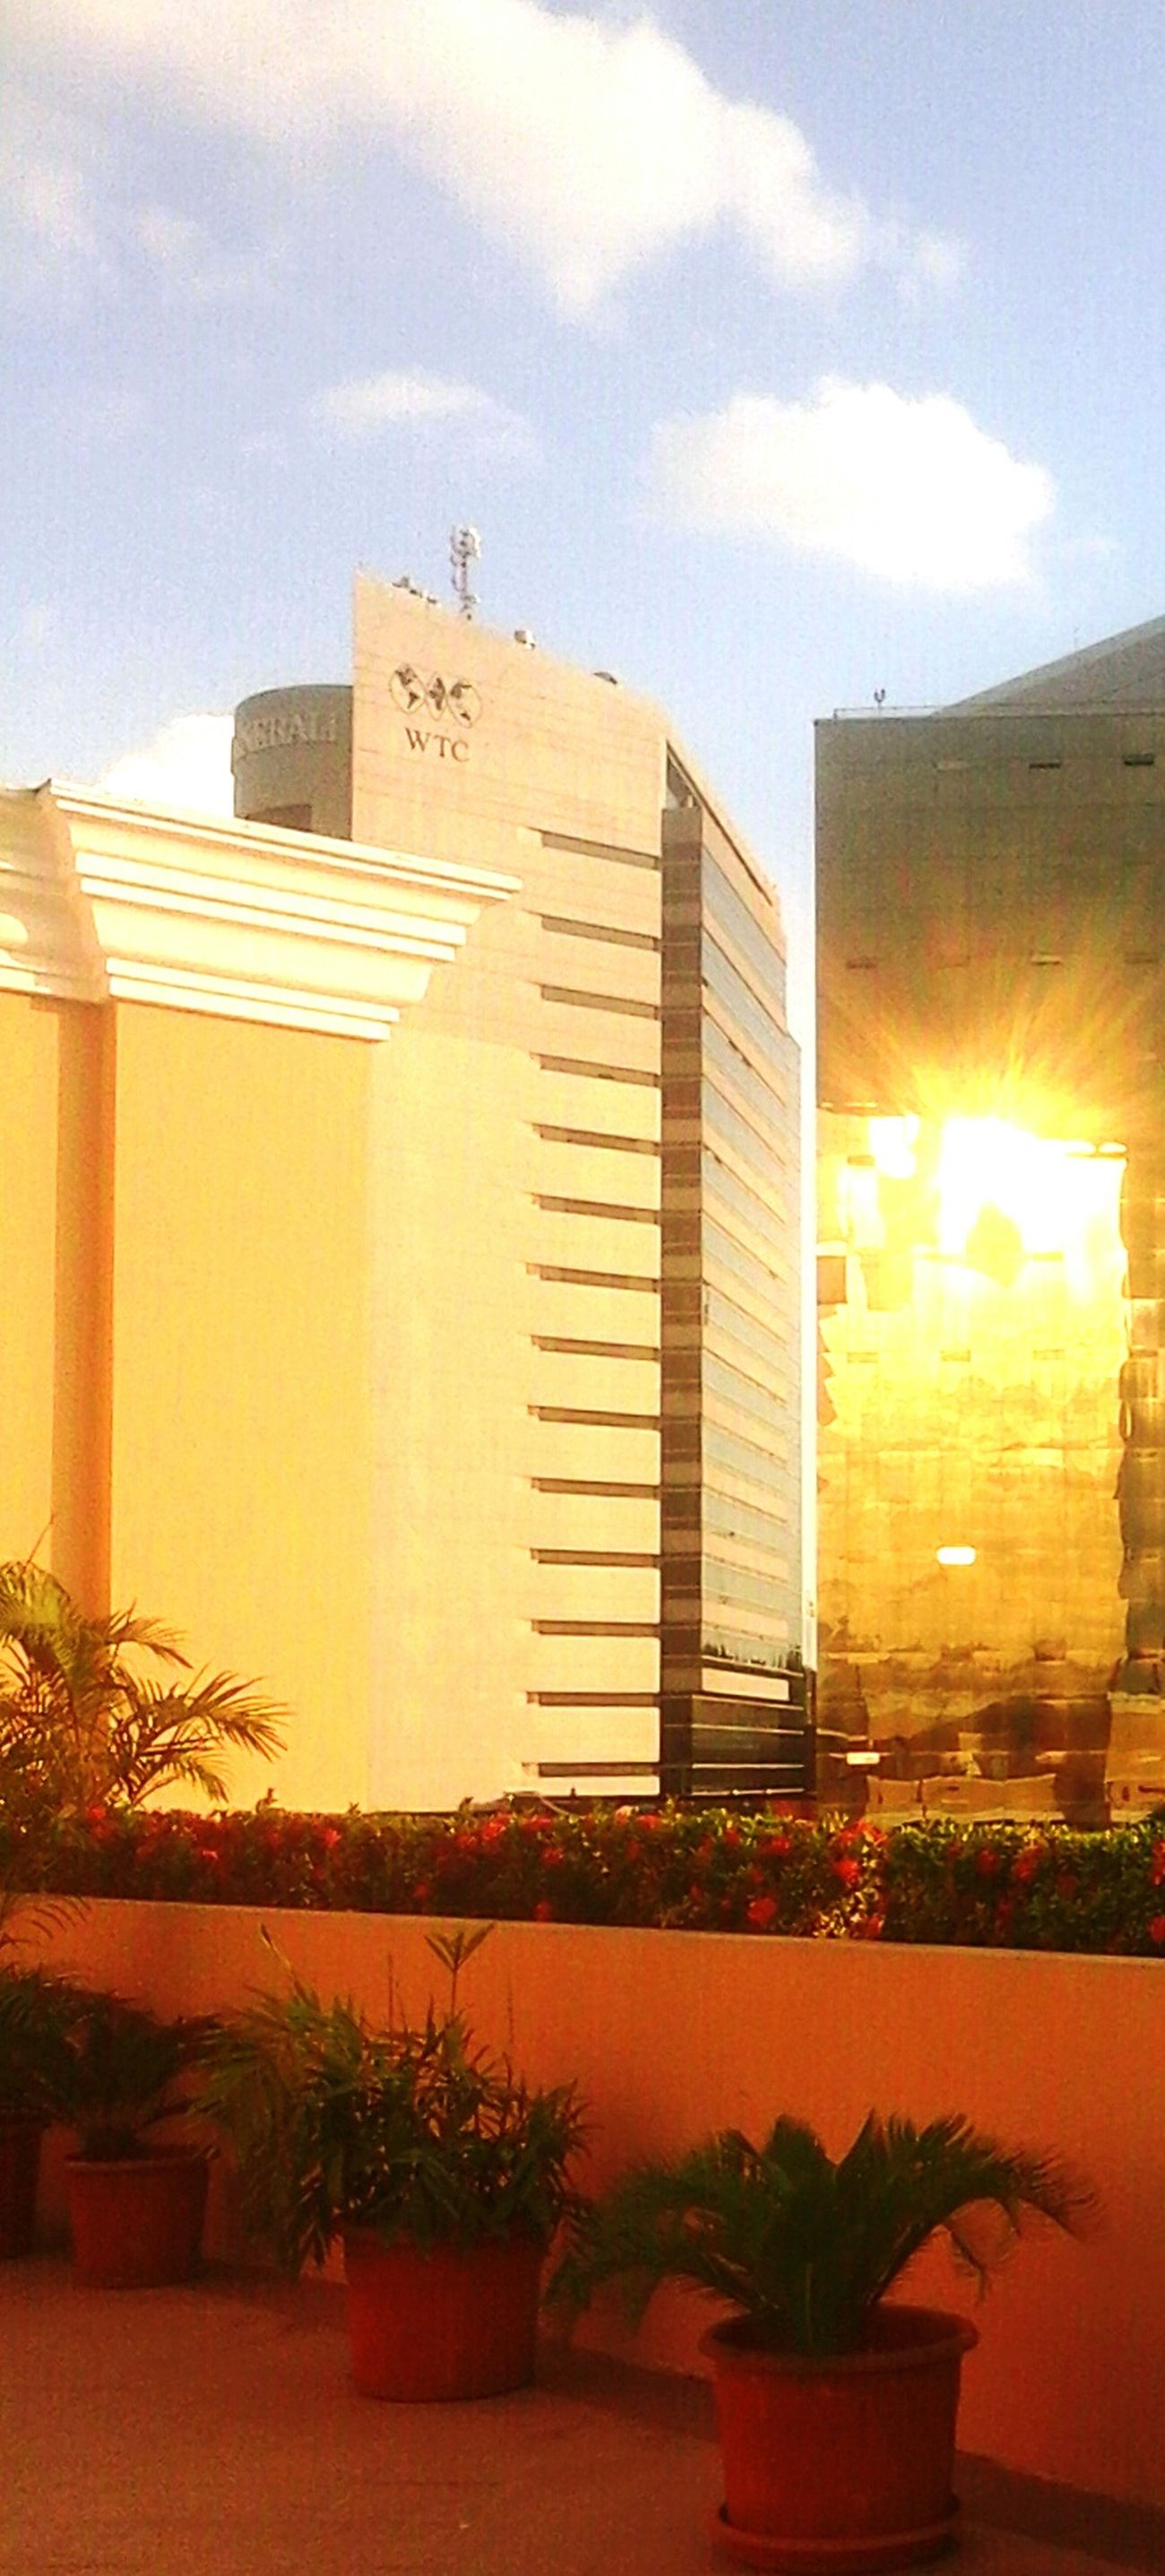 Edificio arquitectura wtc perspectiva día Guayquil soleado